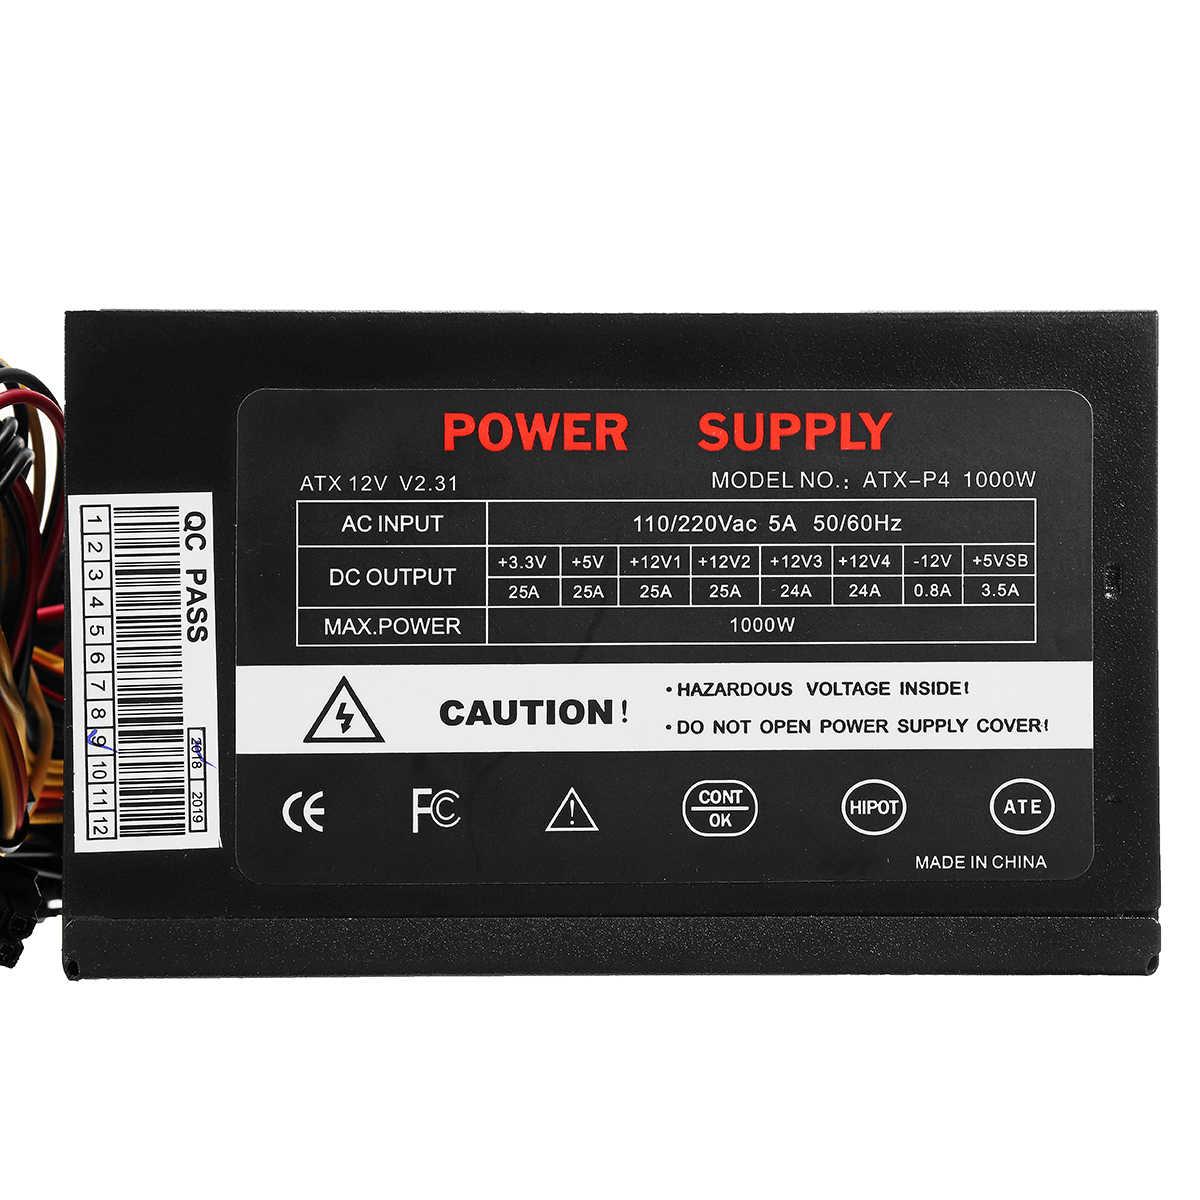 Max 1000W Power Supply PSU PFC Silent Fan ATX 24pin 12V Komputer PC SATA PC Gaming Power Supply untuk Intel Amd Komputer